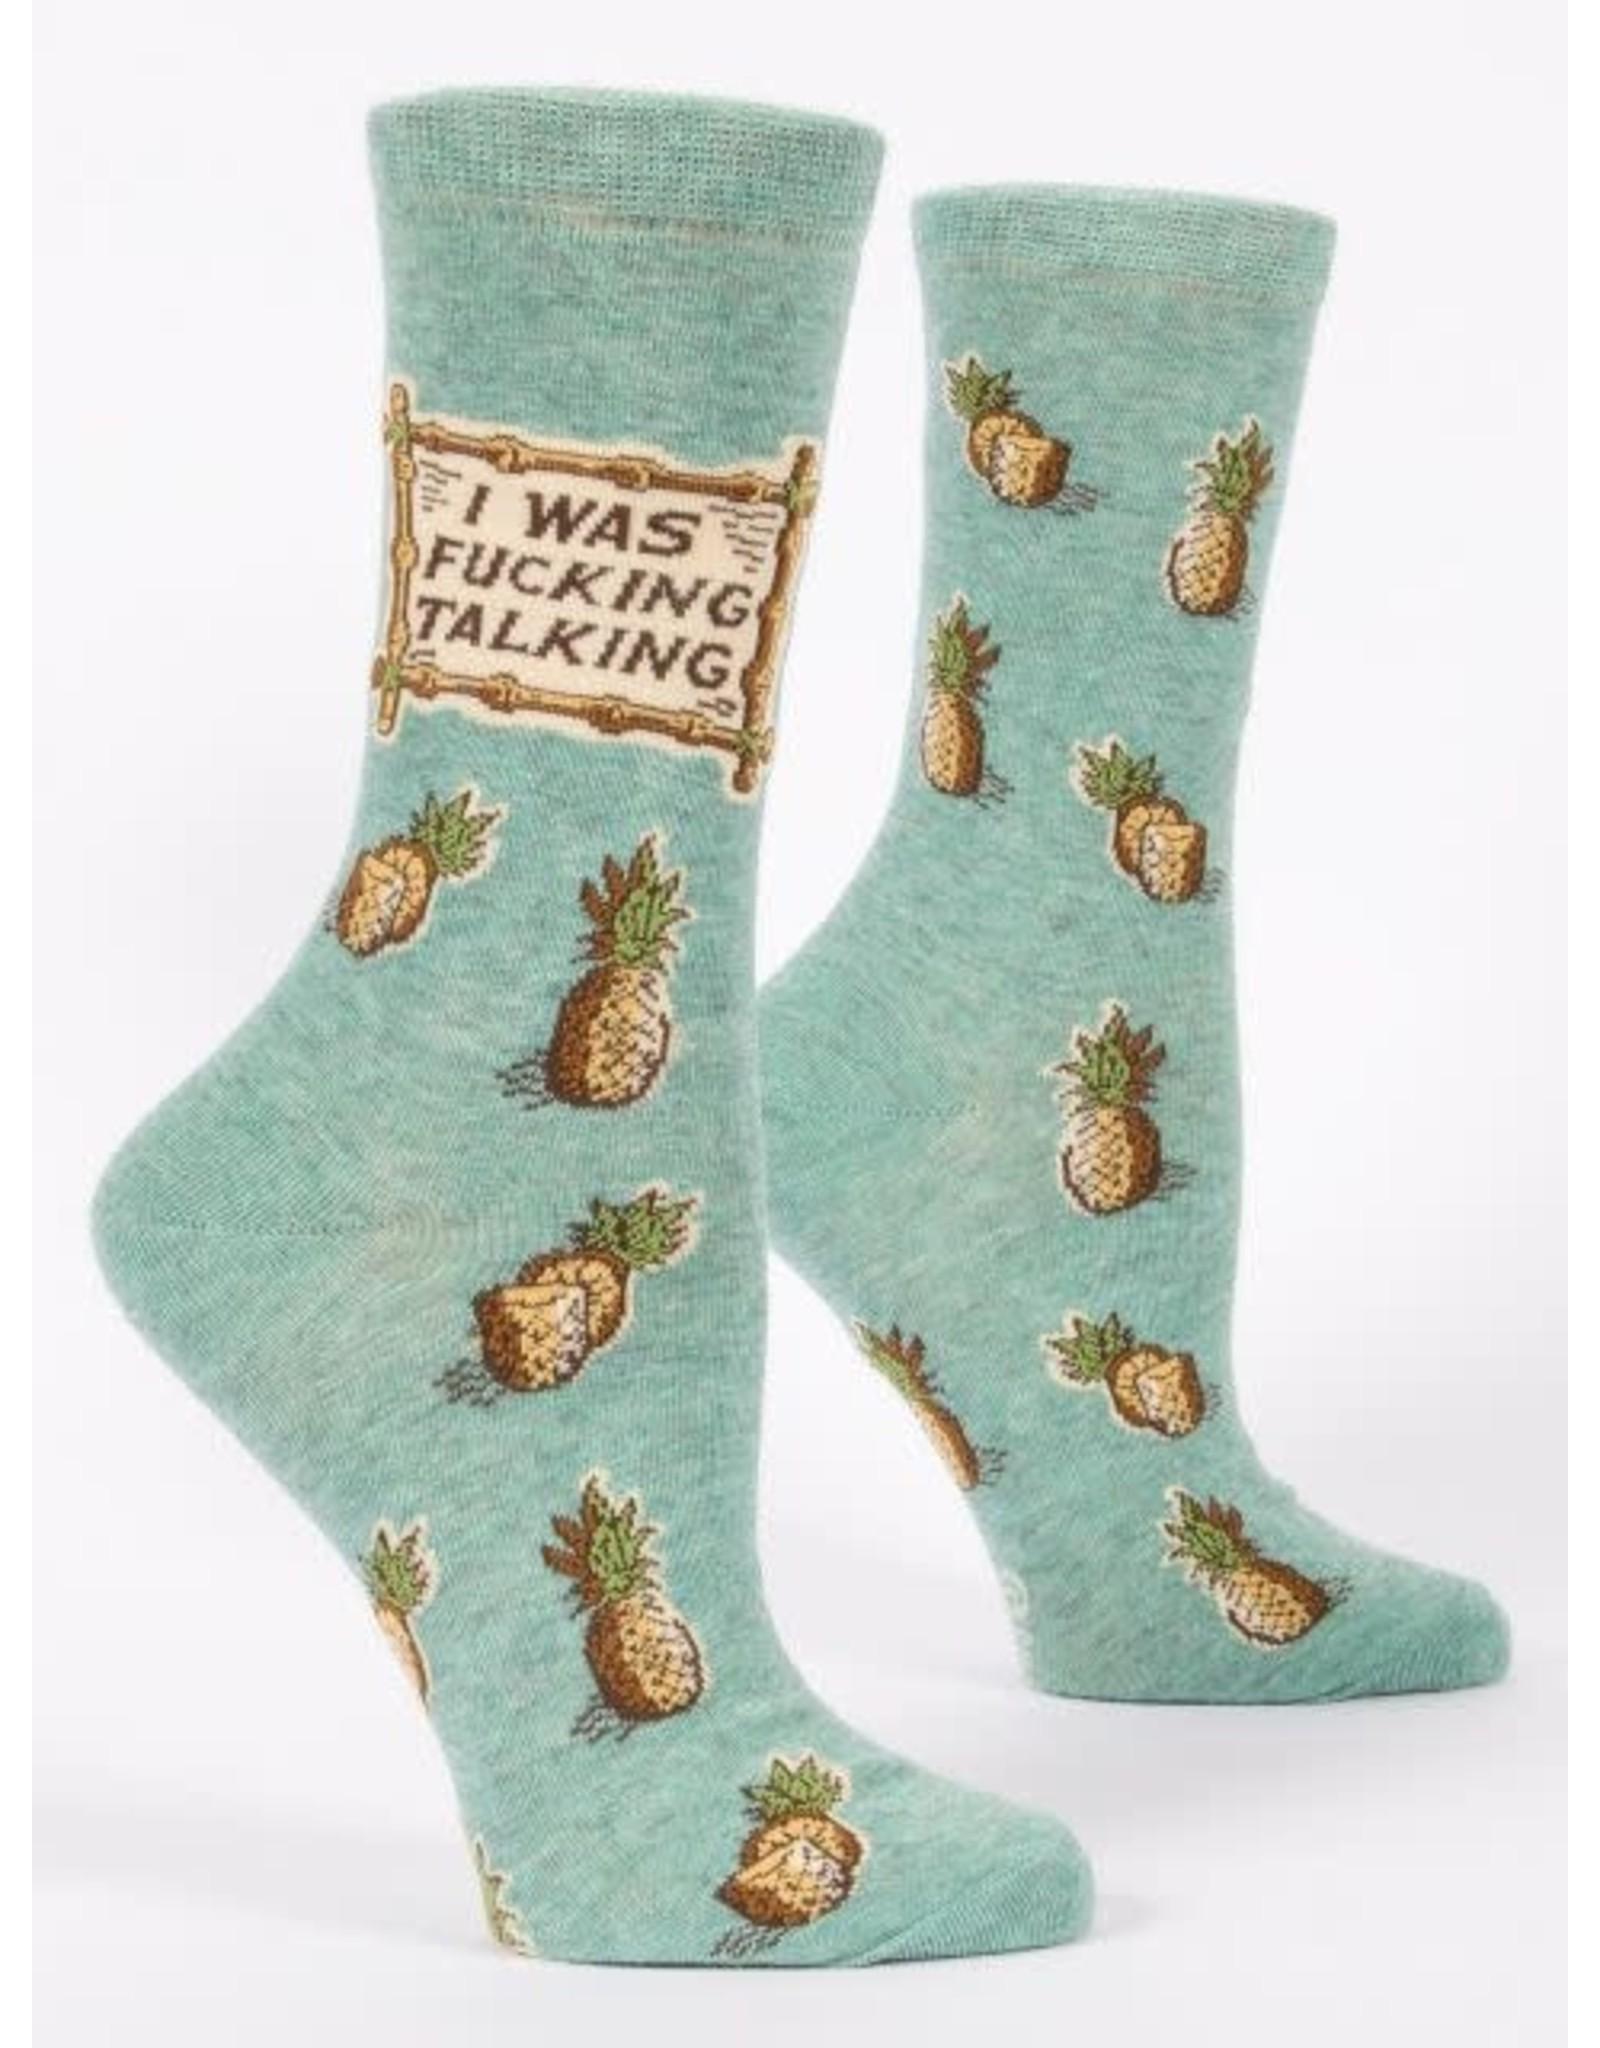 Socks (Womens) - I Was Fucking Talking